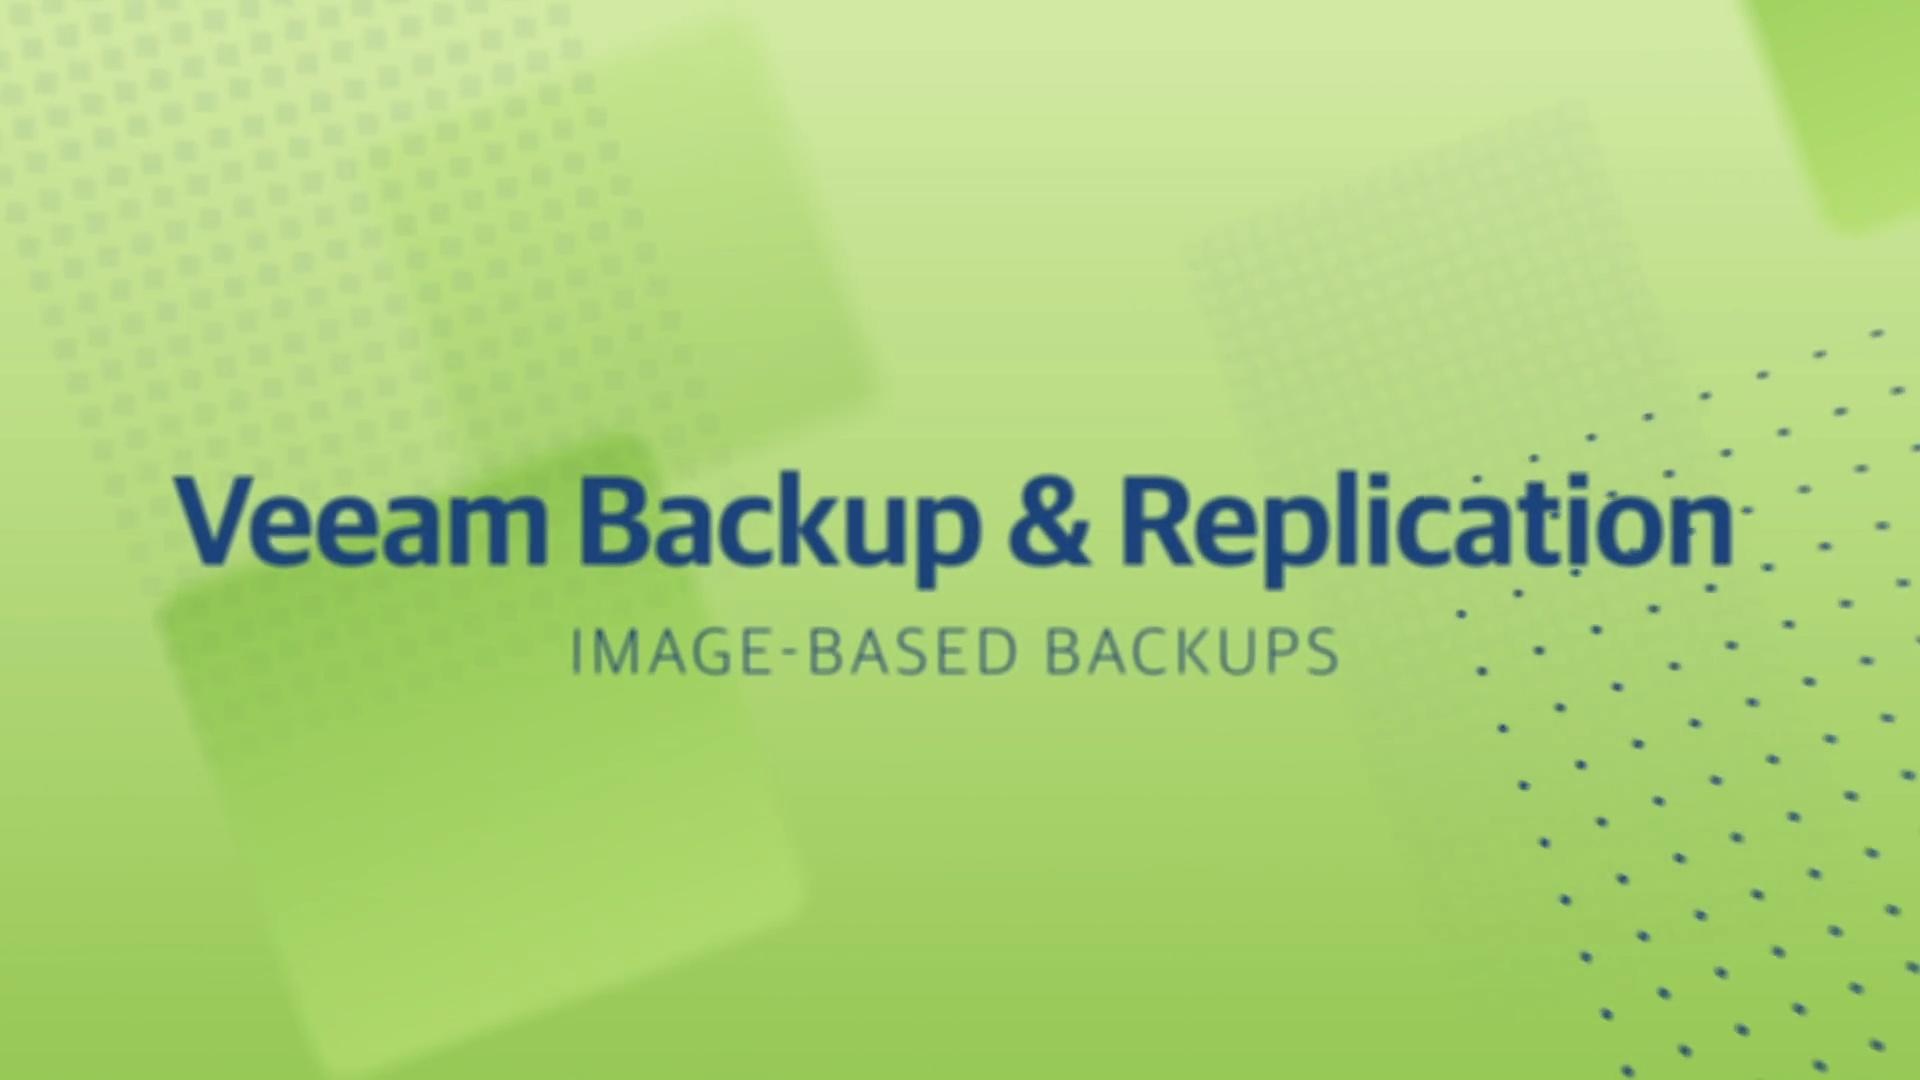 Product launch v11 - VBR - Image-Based Backups